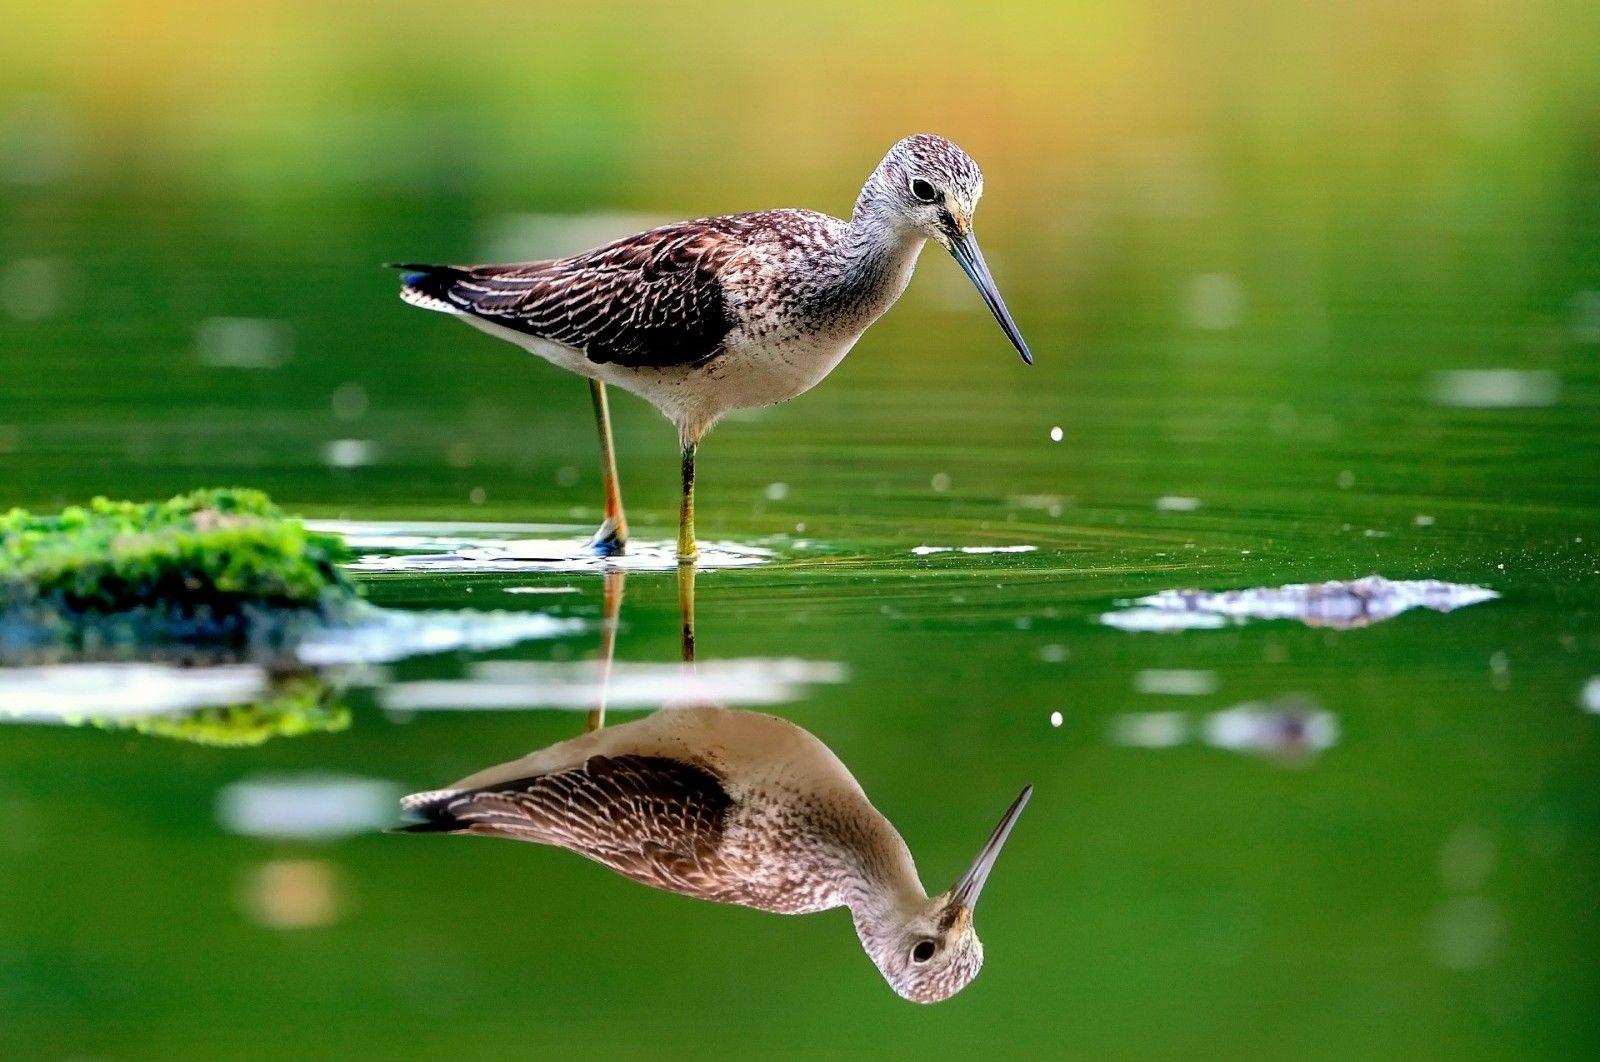 La Reflexion Del Agua Naturaleza Animal Pajaro Verde Hd Wallpapers